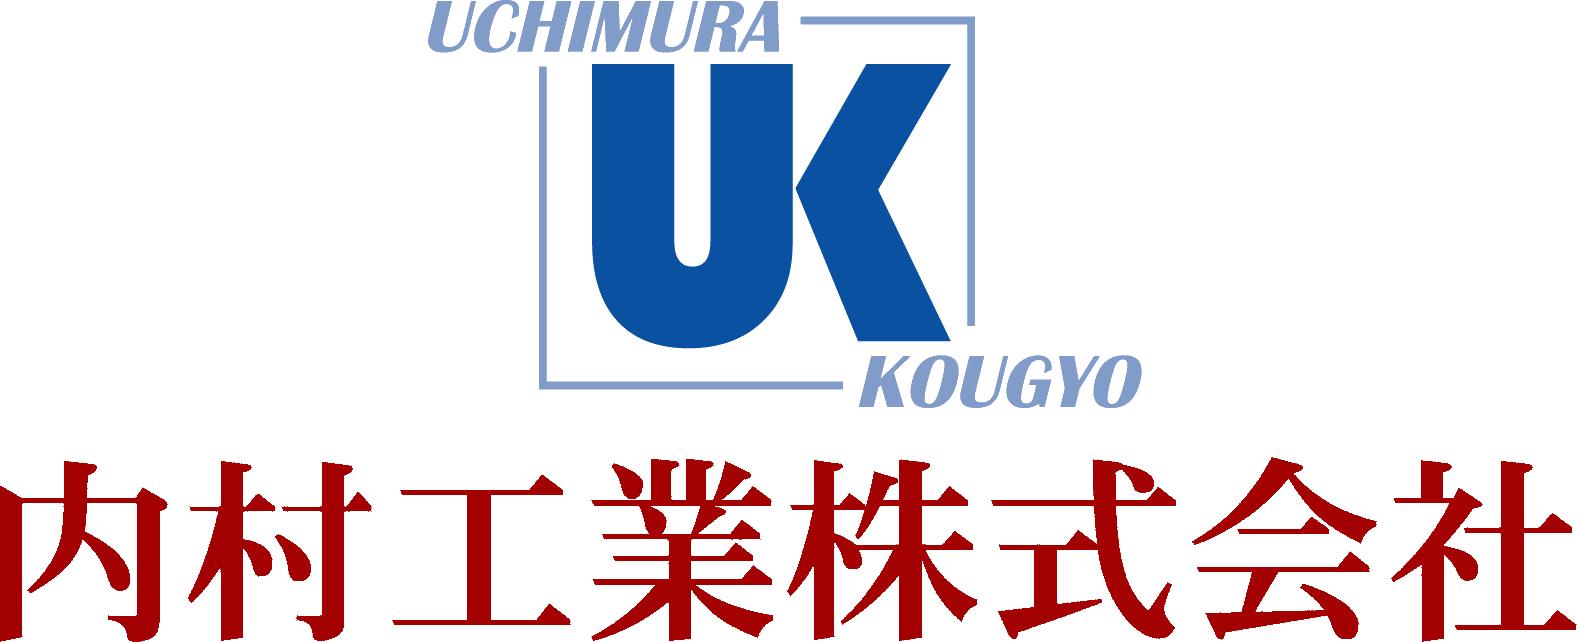 内村工業株式会社のロゴ